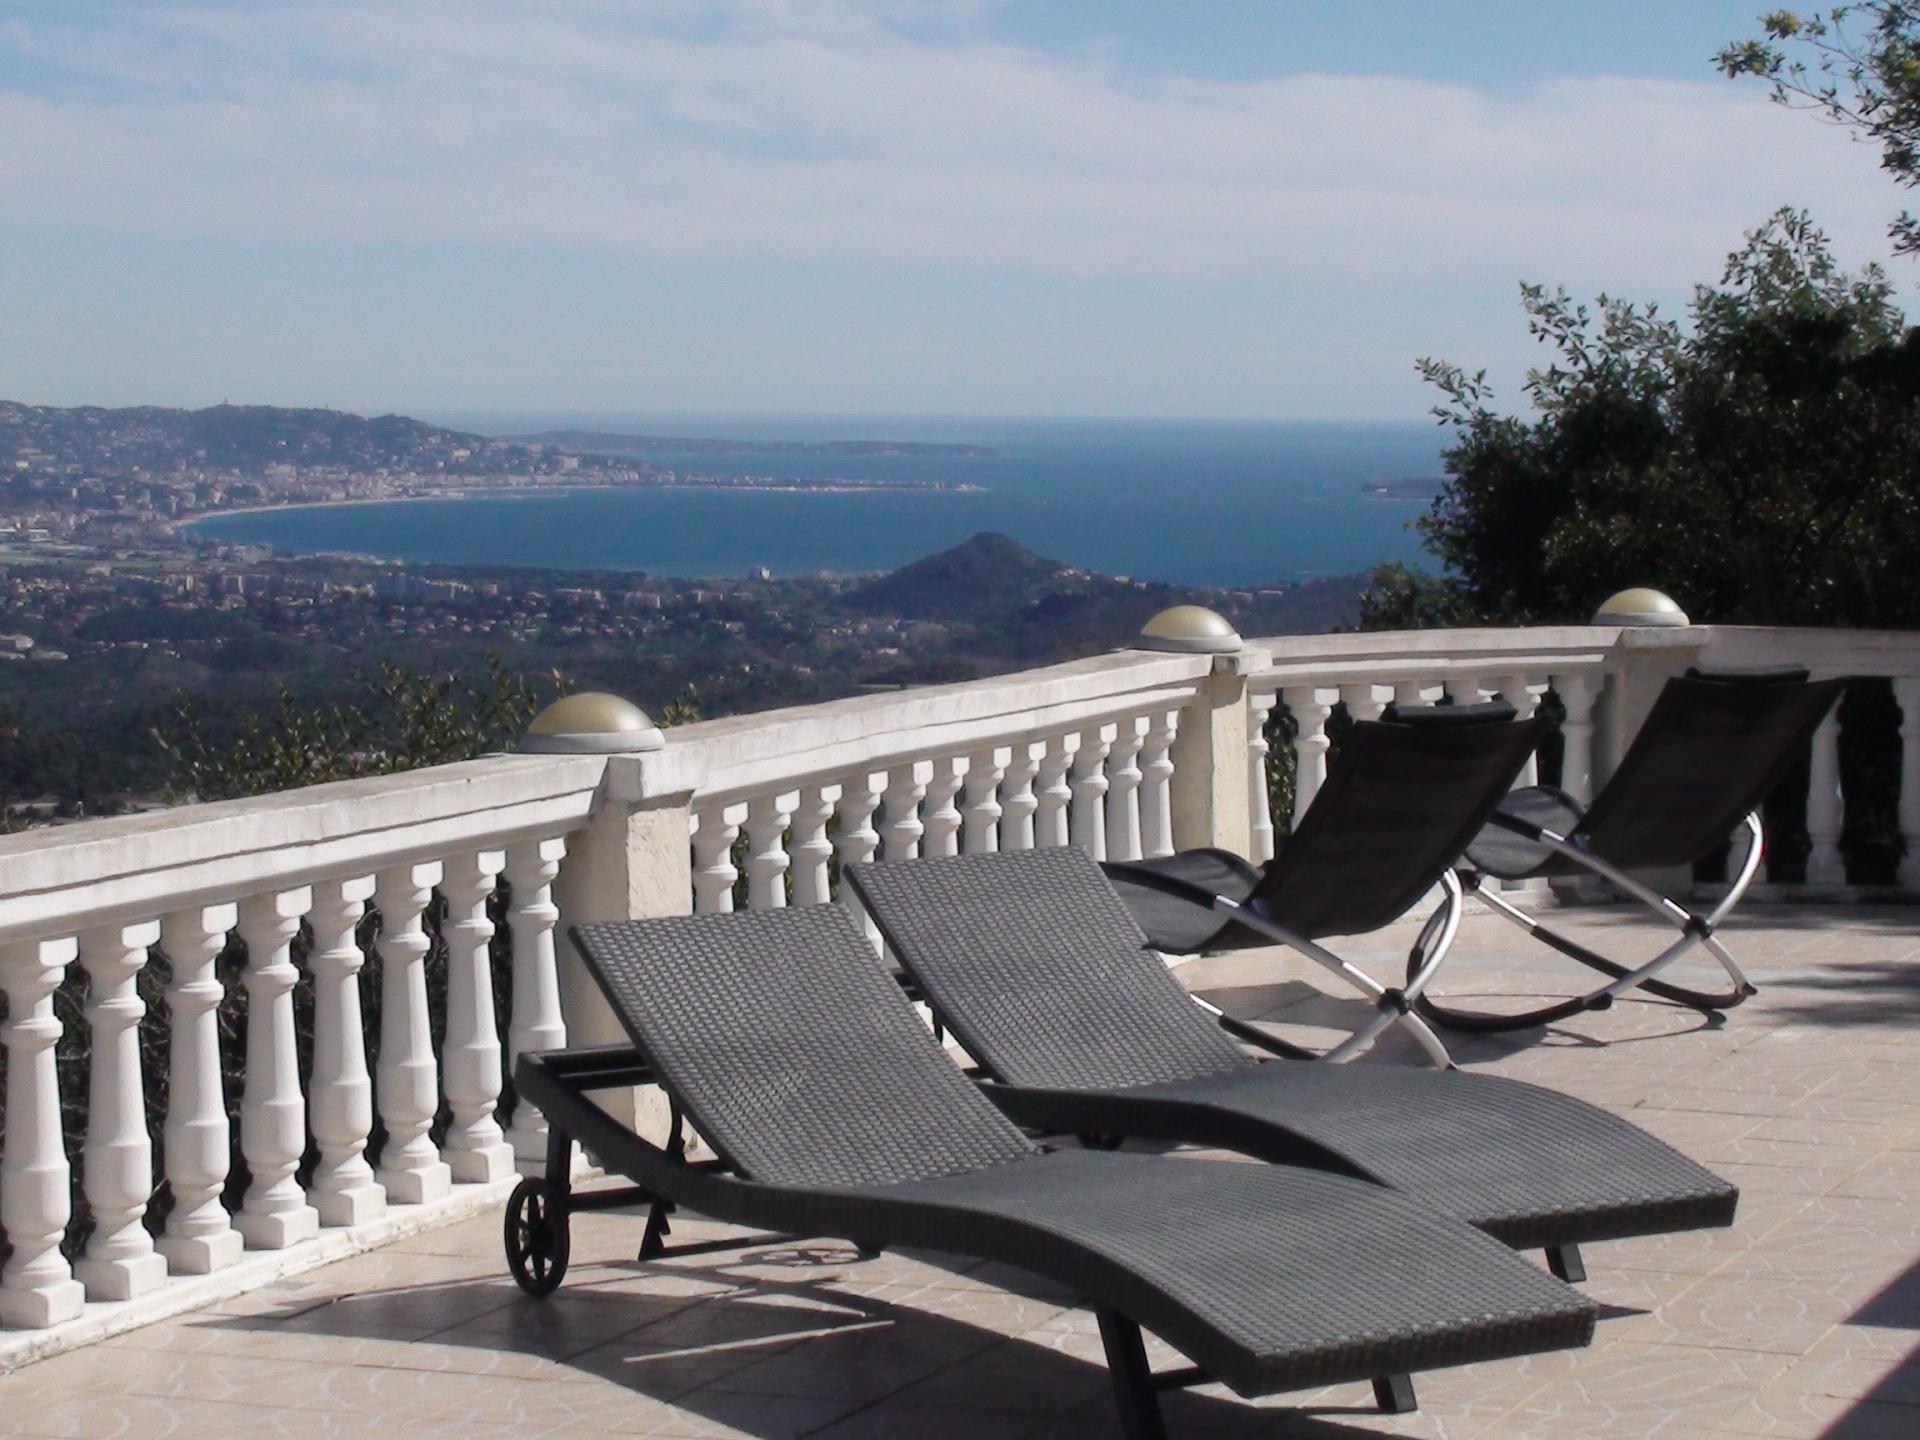 Vue panoramique 180° de la terrasse piscine, baie de Cannes et montagnes